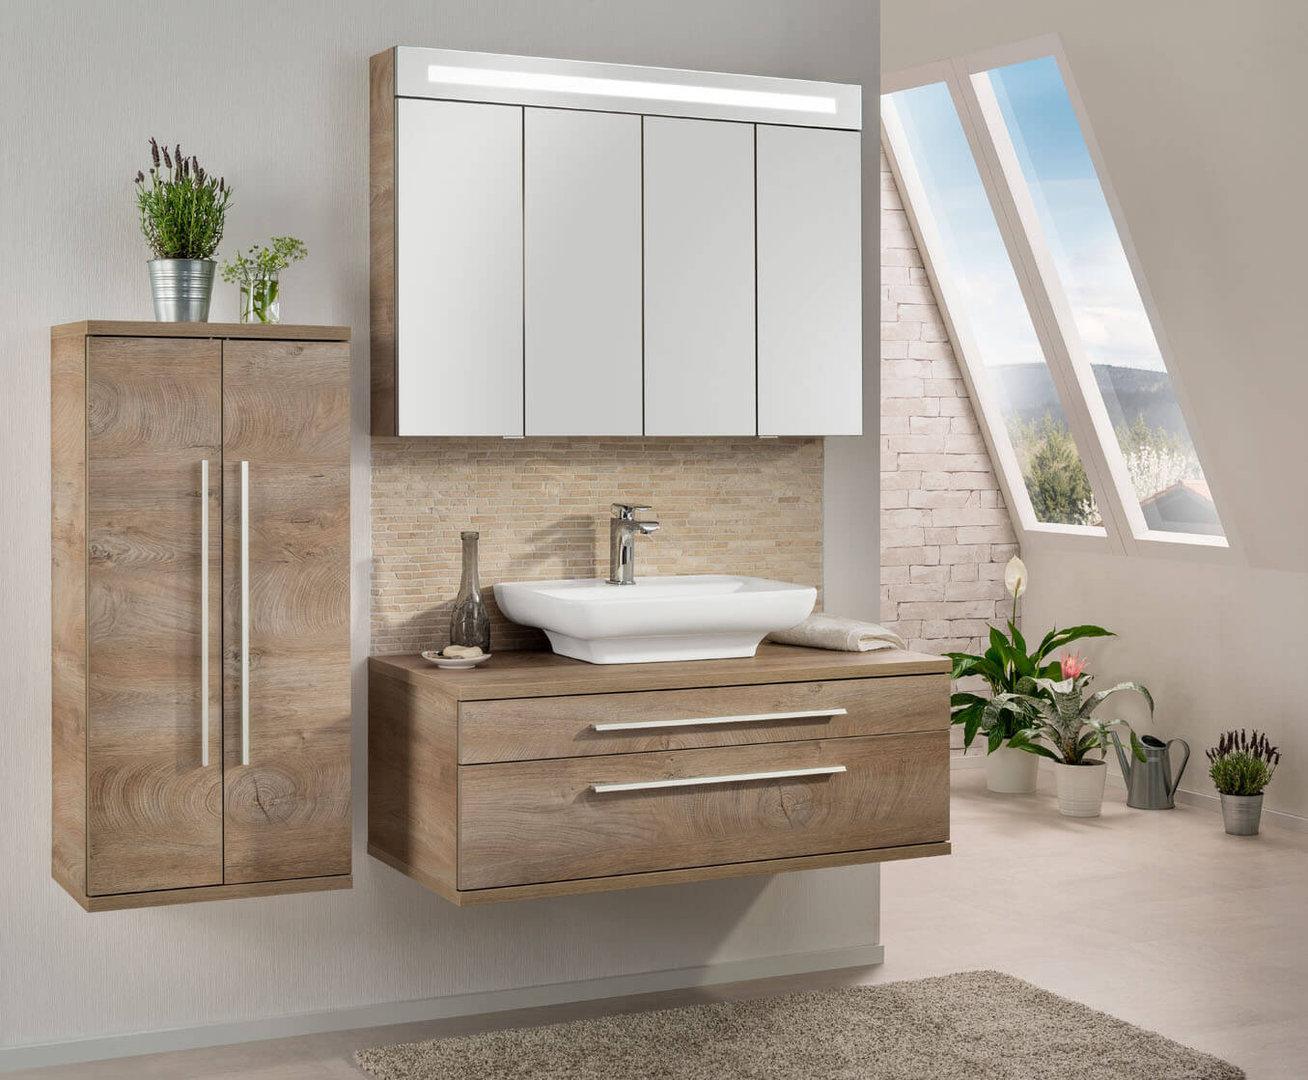 fackelmann stanford waschtisch unterschrank wei eiche natur. Black Bedroom Furniture Sets. Home Design Ideas